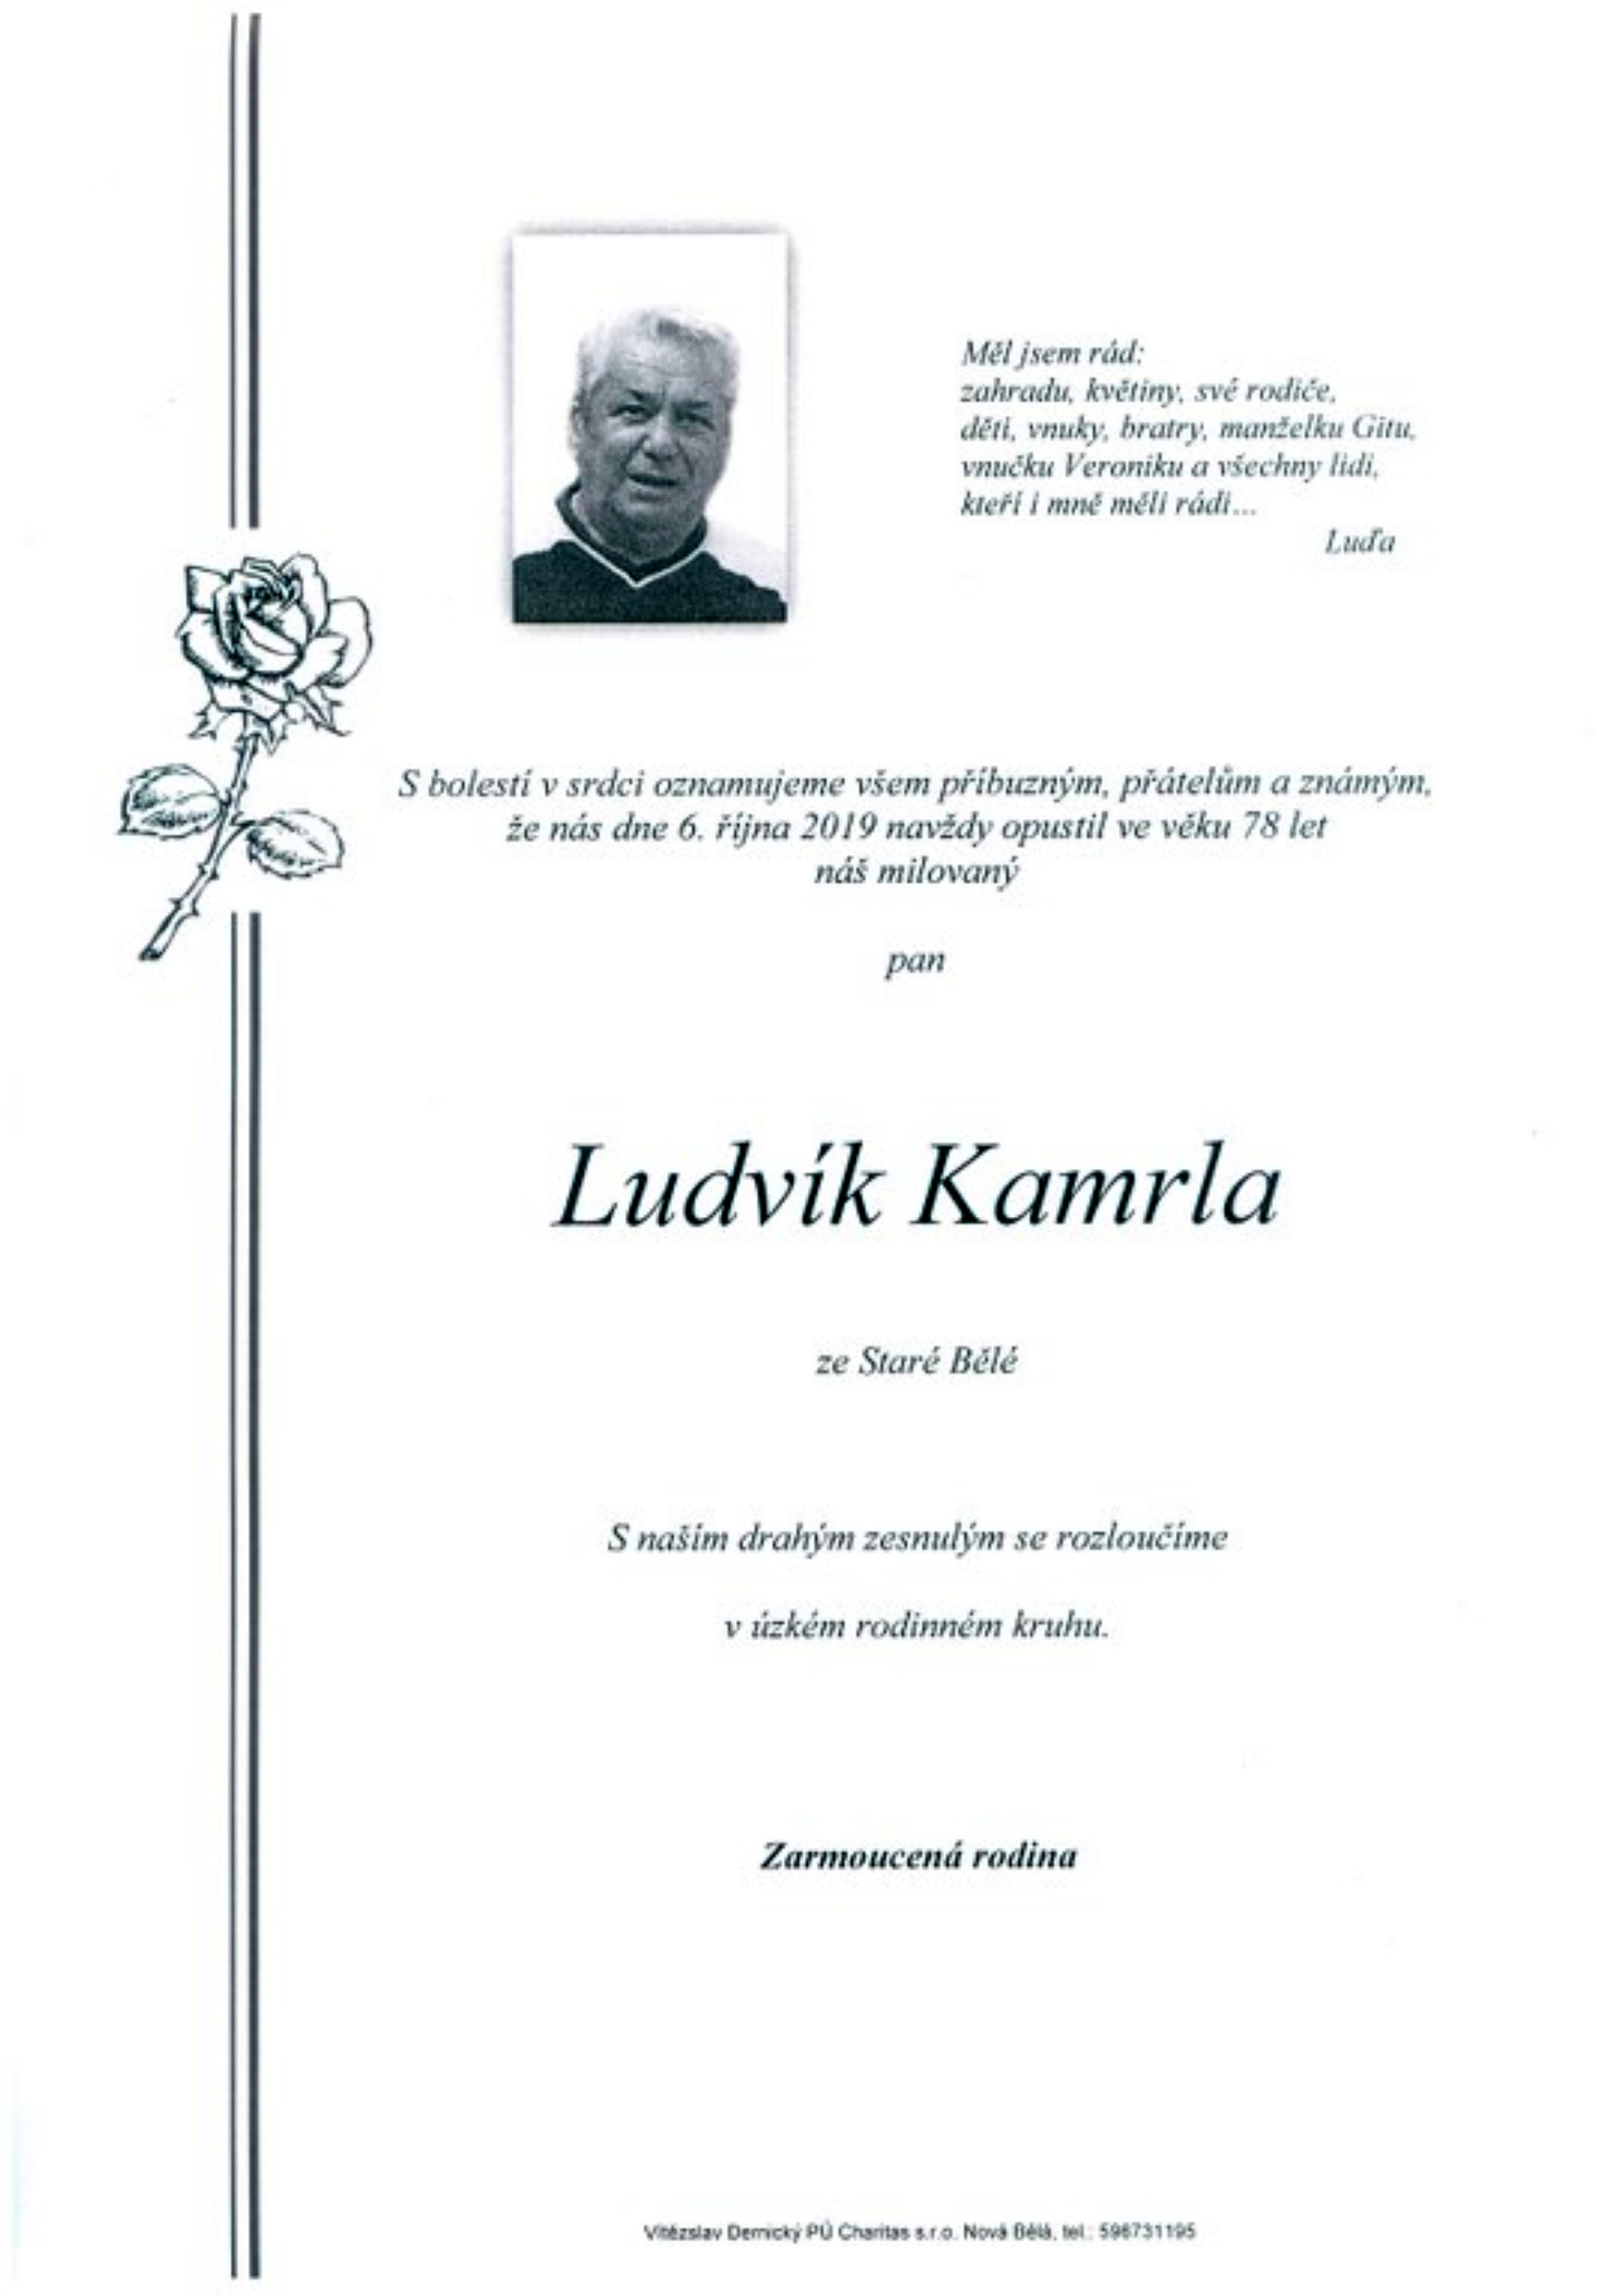 Ludvík Kamrla